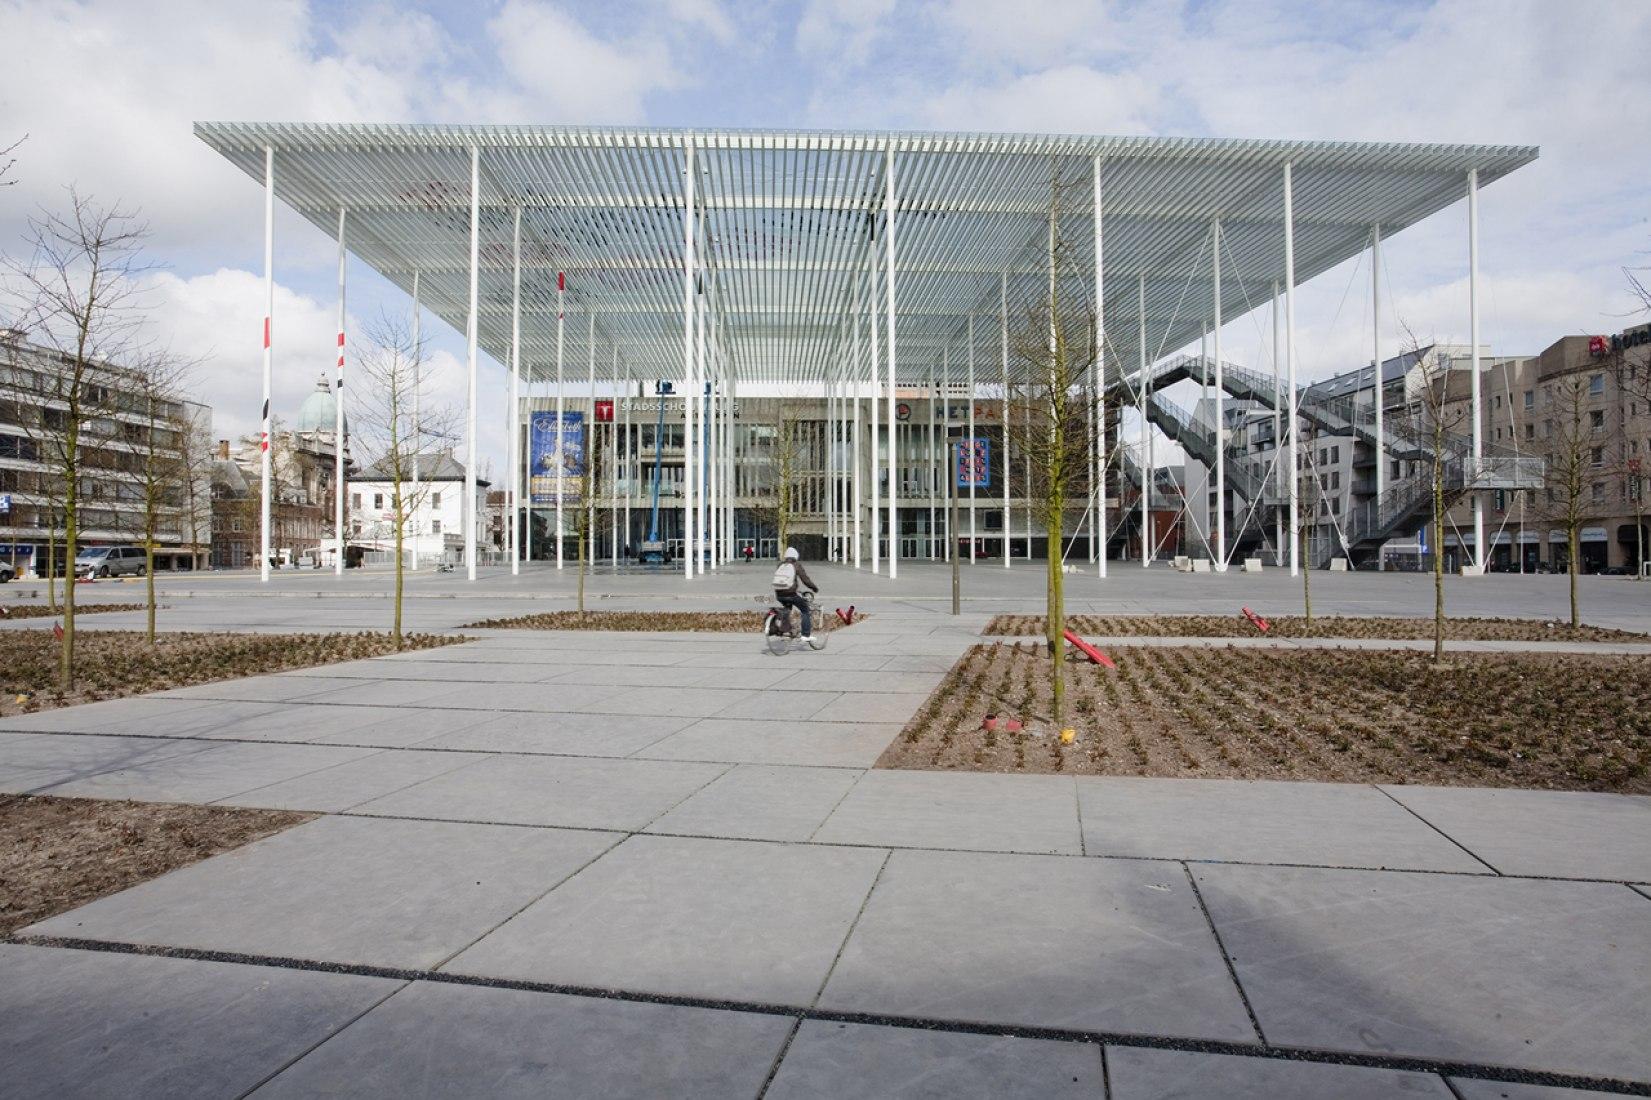 Vista exterior. Theaterplein por Studio Bernardo Secchi & Paola Viganò. Fotografía © Teresa Cos.